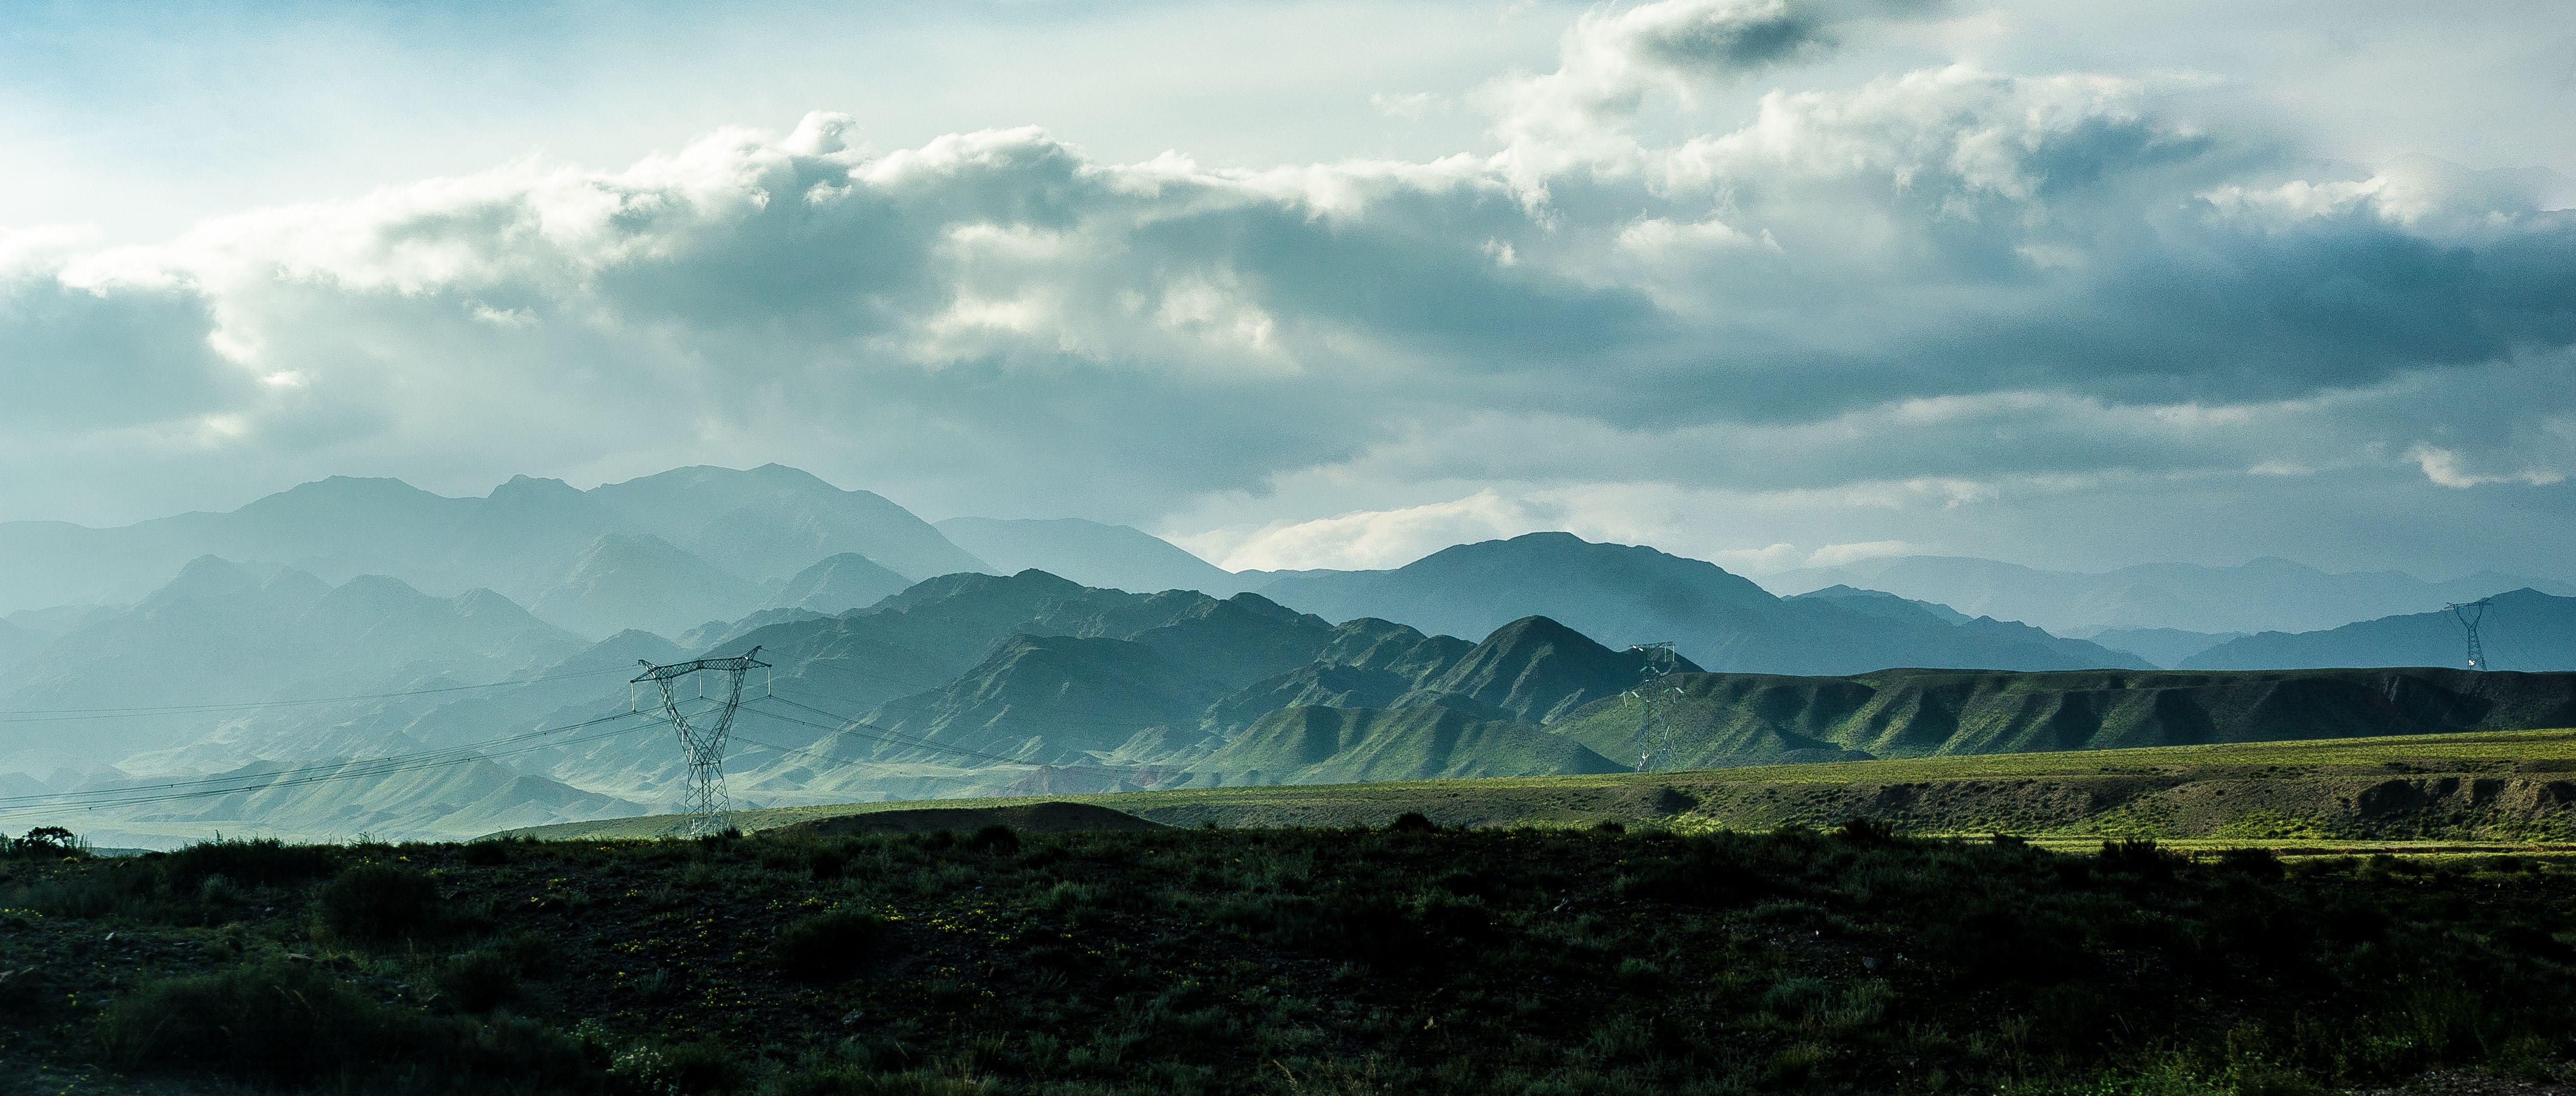 горы, закат, пейзаж, природа, вечер, Василий